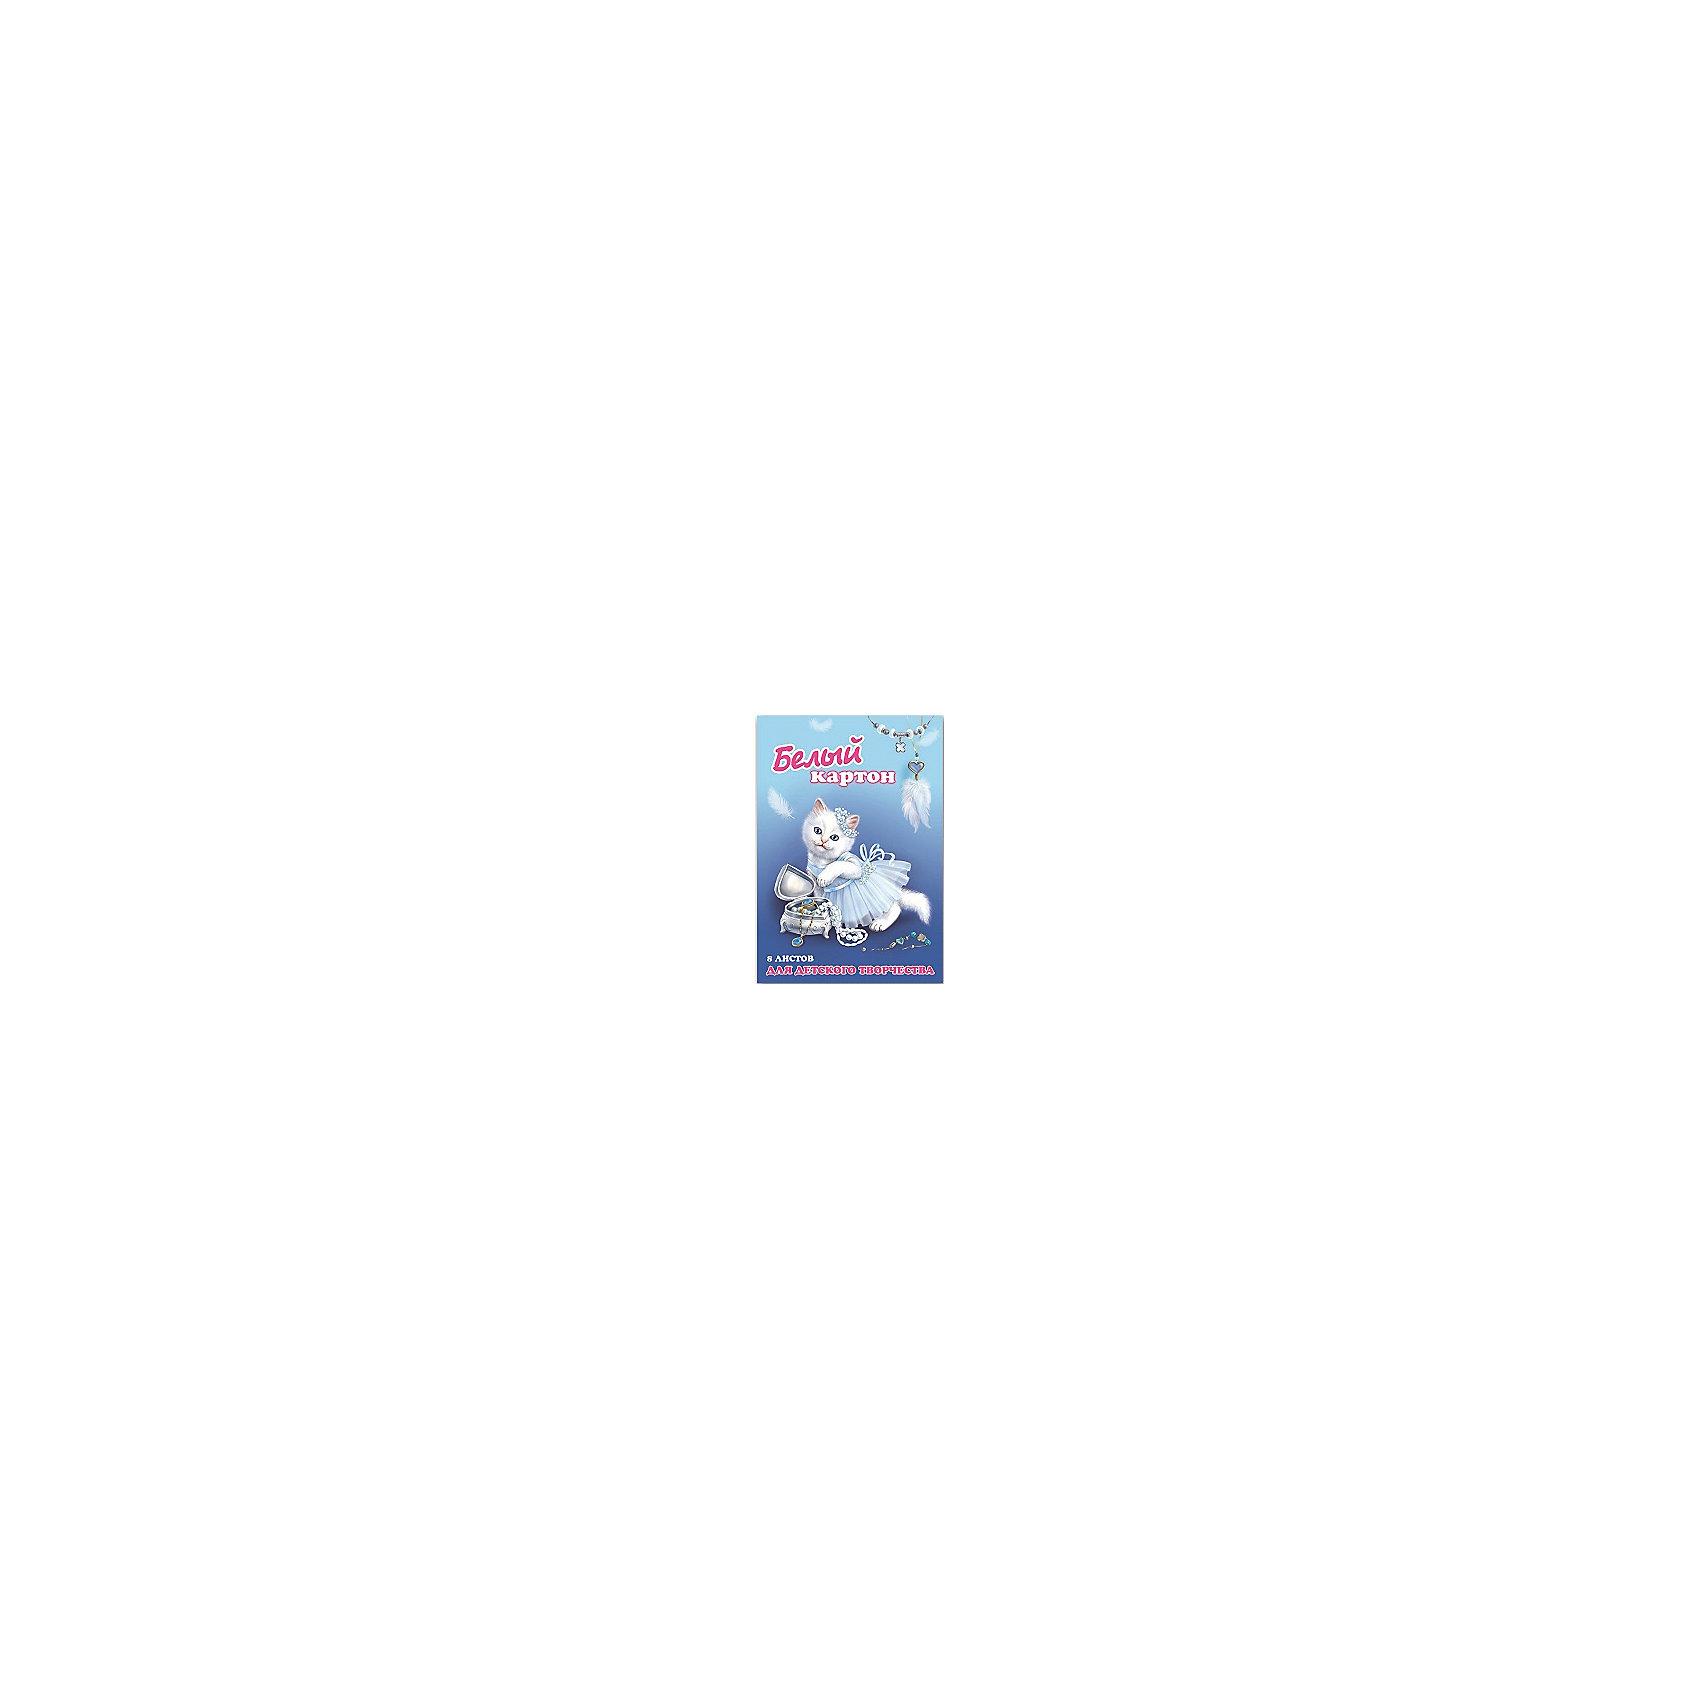 Белый картон Кошка-модница, 8 лВ школе, на уроке труда белый картон всегда пригодится!<br><br>Дополнительная информация:<br><br>- Возраст: от 3 лет.<br>- 8 листов.<br>- Цвет: белый.<br>- Материал: картон.<br>- Формат: А4.<br>- Размер упаковки: 29х20х0,2 см.<br>- Вес в упаковке: 120 г. <br><br>Купить белый картон Кошка-модница можно в нашем магазине.<br><br>Ширина мм: 290<br>Глубина мм: 200<br>Высота мм: 2<br>Вес г: 120<br>Возраст от месяцев: 36<br>Возраст до месяцев: 2147483647<br>Пол: Унисекс<br>Возраст: Детский<br>SKU: 4943464